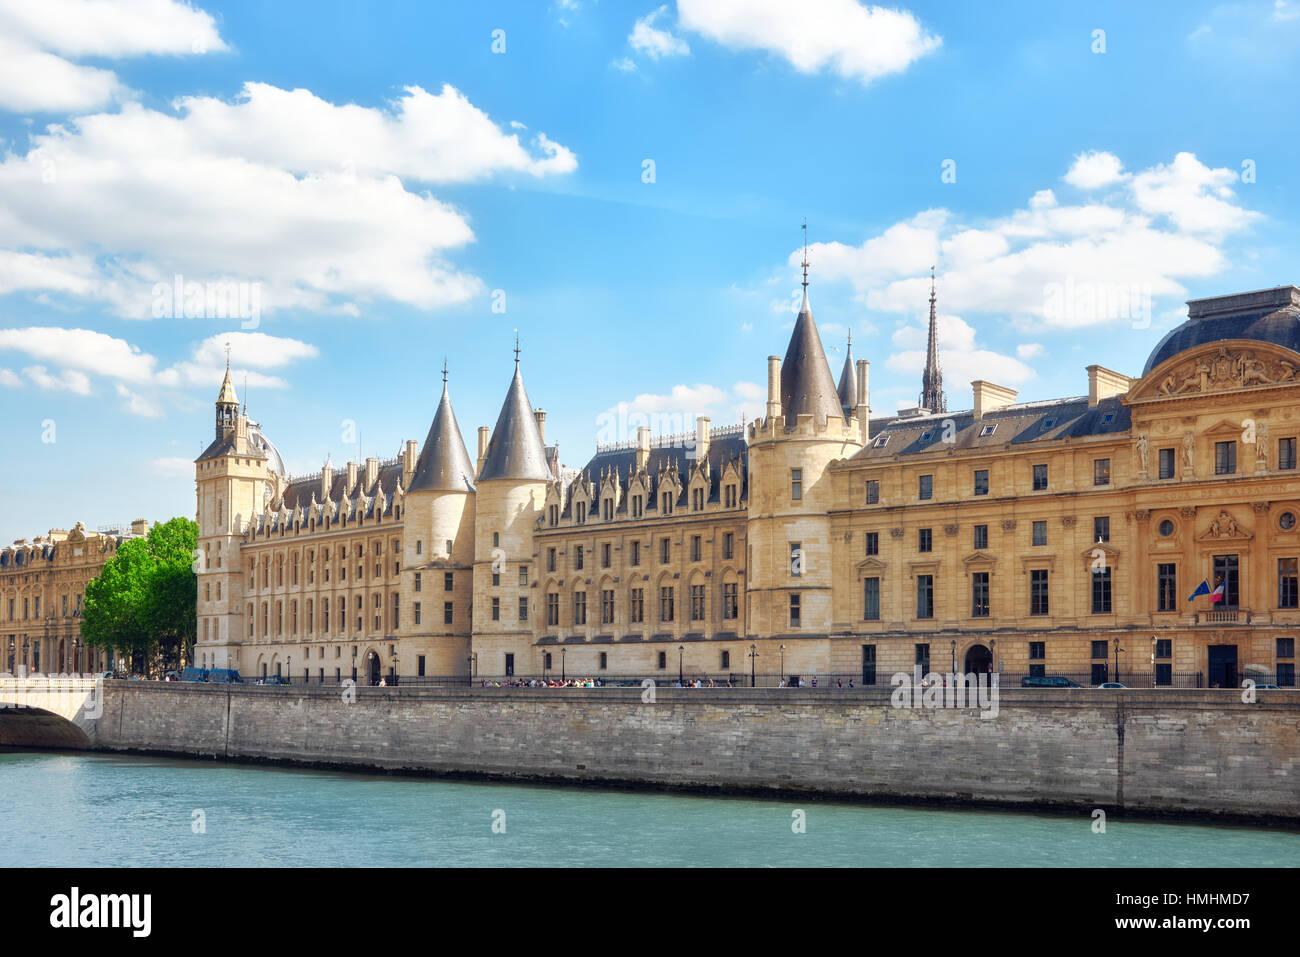 PARIS, FRANCE - JULY 06, 2016 : Castle - Prison Concierges seafront of  the Seine  river in Paris. France. - Stock Image